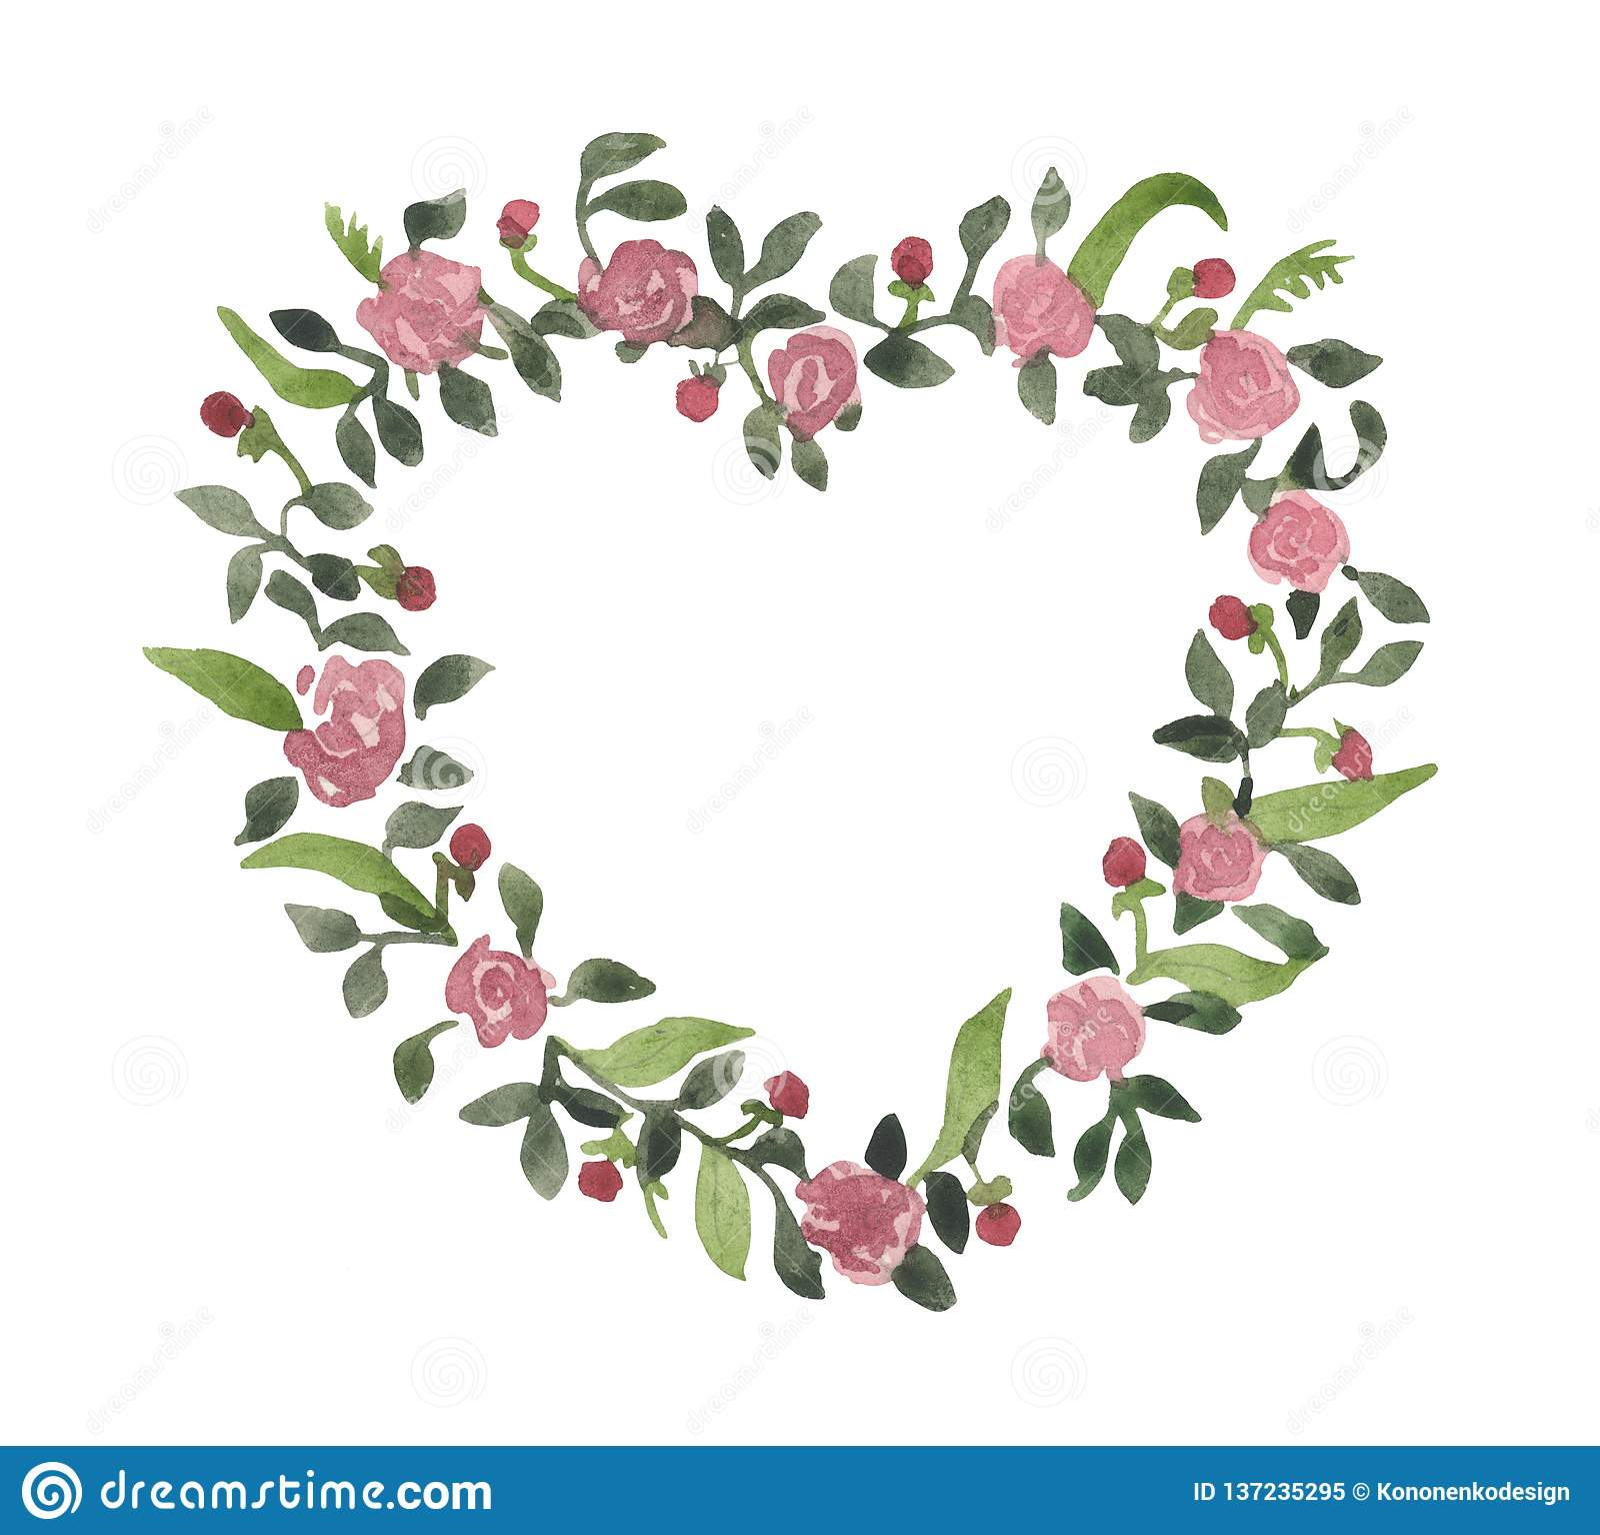 Romantischer Aquarellkranz, Blumen von Rosen